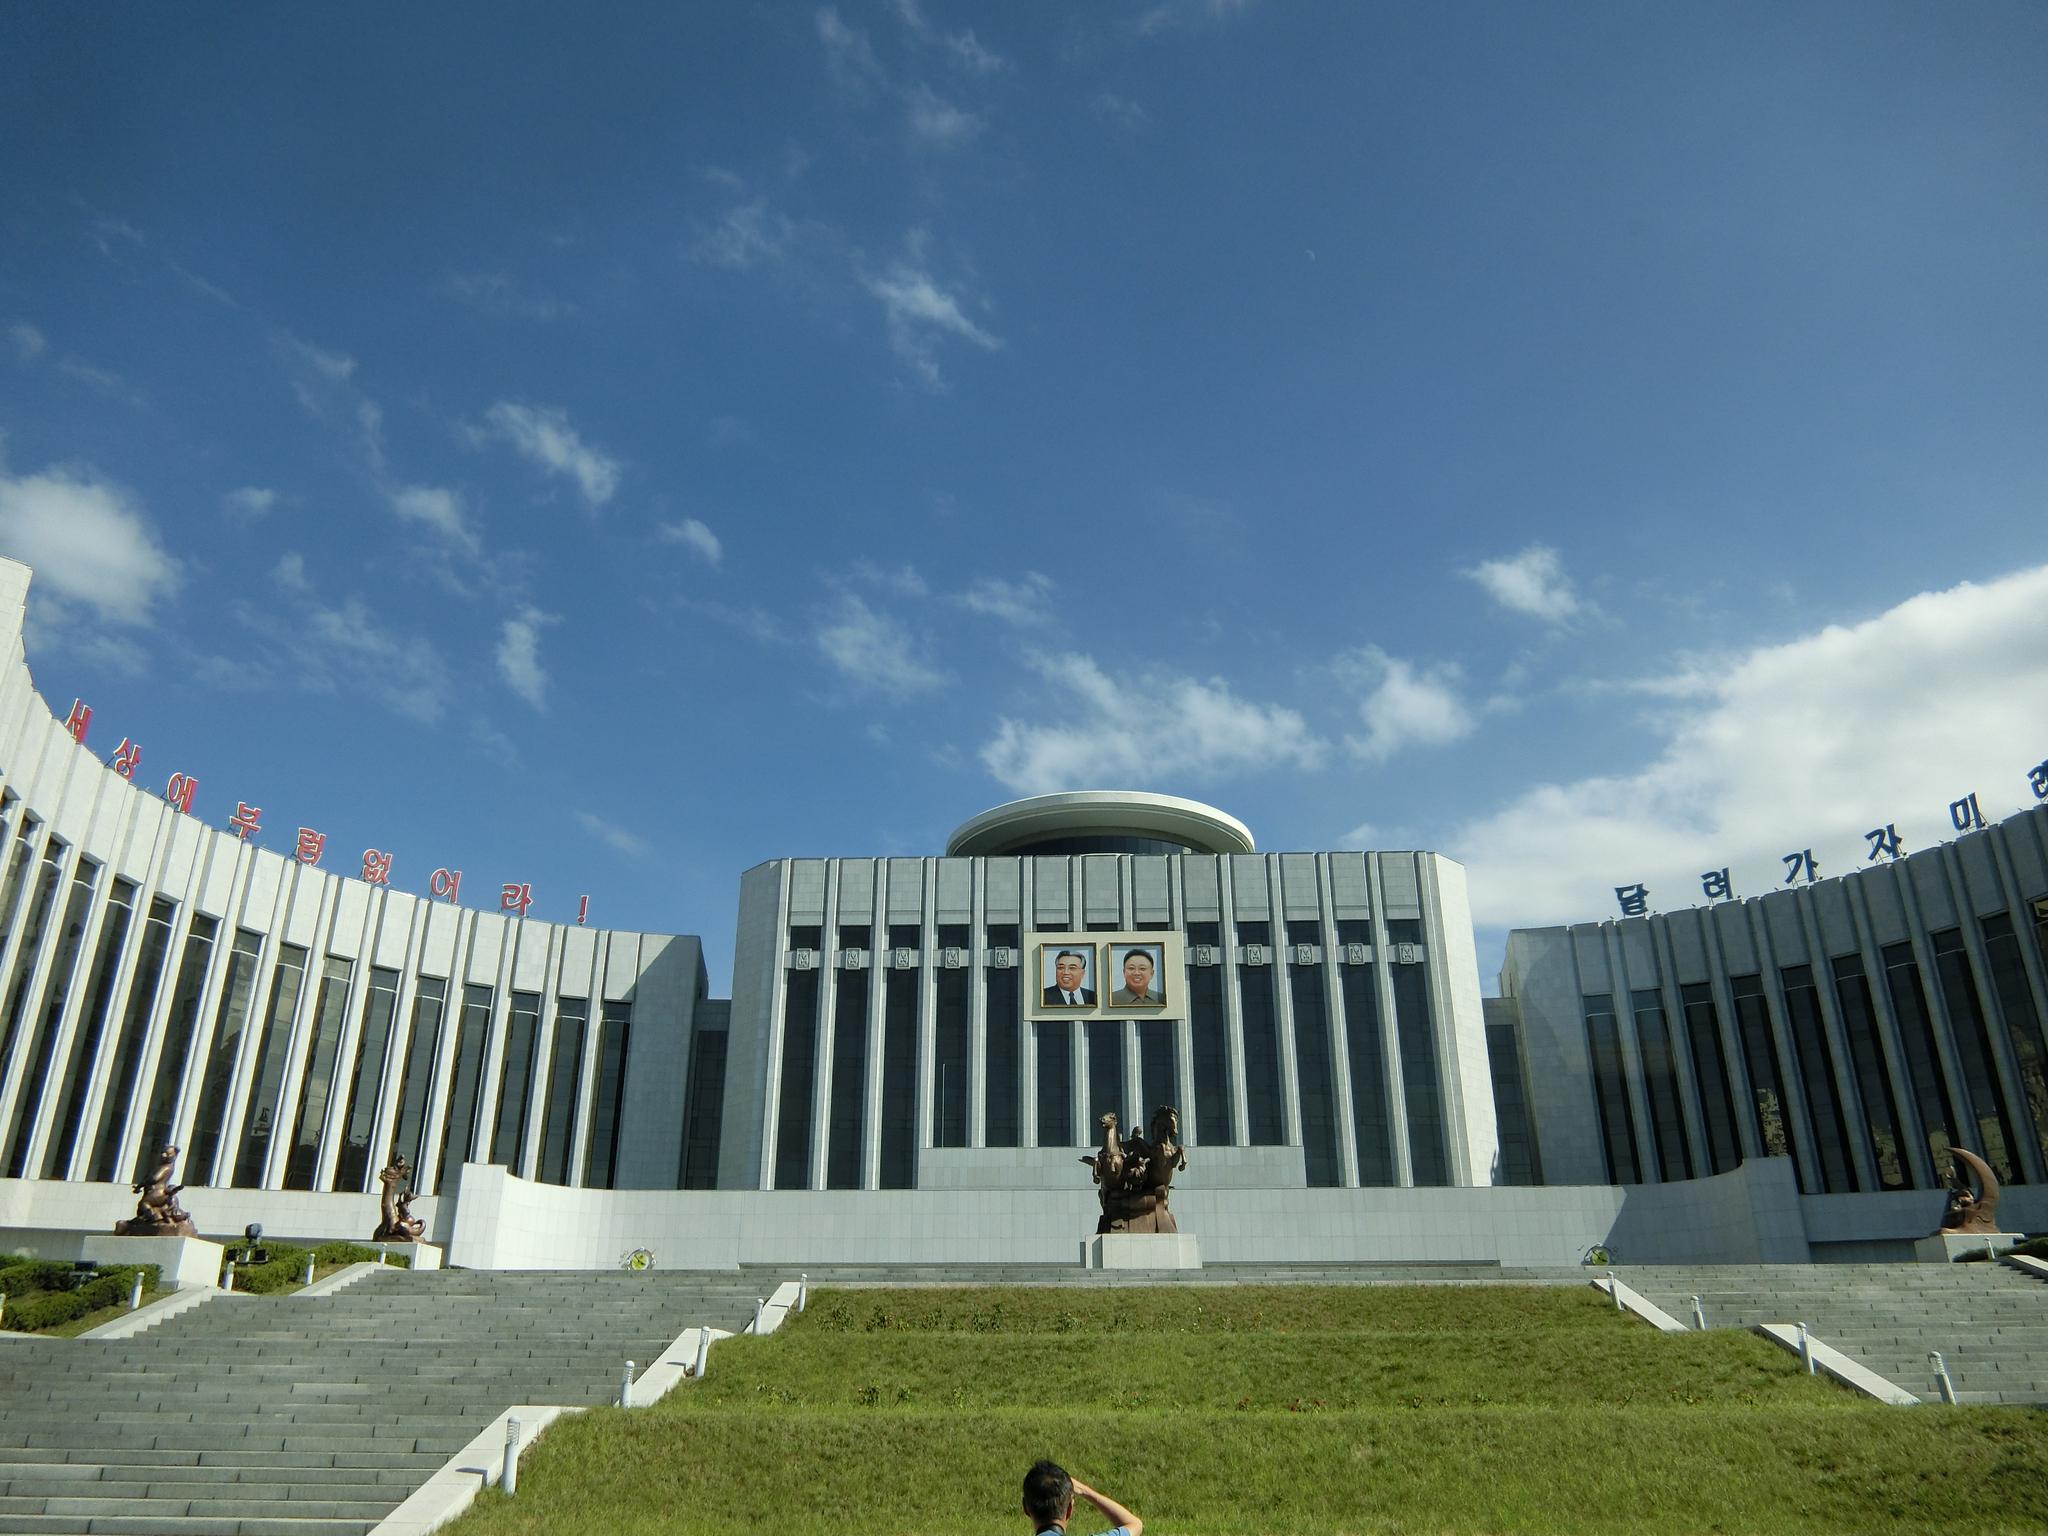 북한 평양시 중구역 종로동에 있는 학생소년들의 과외교양기관. 1963년 9월 30일에 창립됐다.이정민 기자